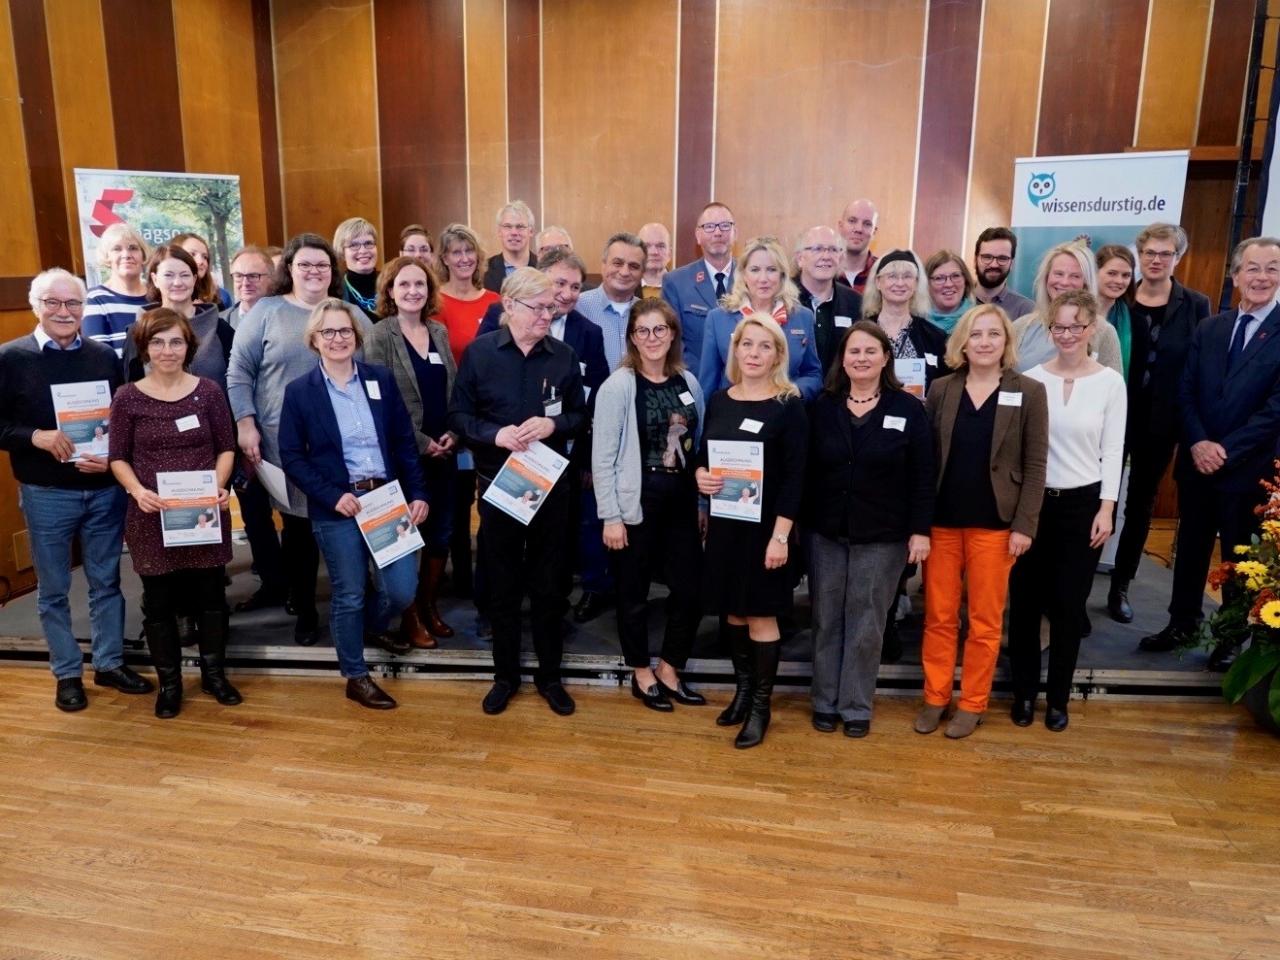 Gruppenfoto mit den Leuchtturmprojekten und BAGSO-Mitarbeiterinnen und Vorsitzendem Franz Müntefering